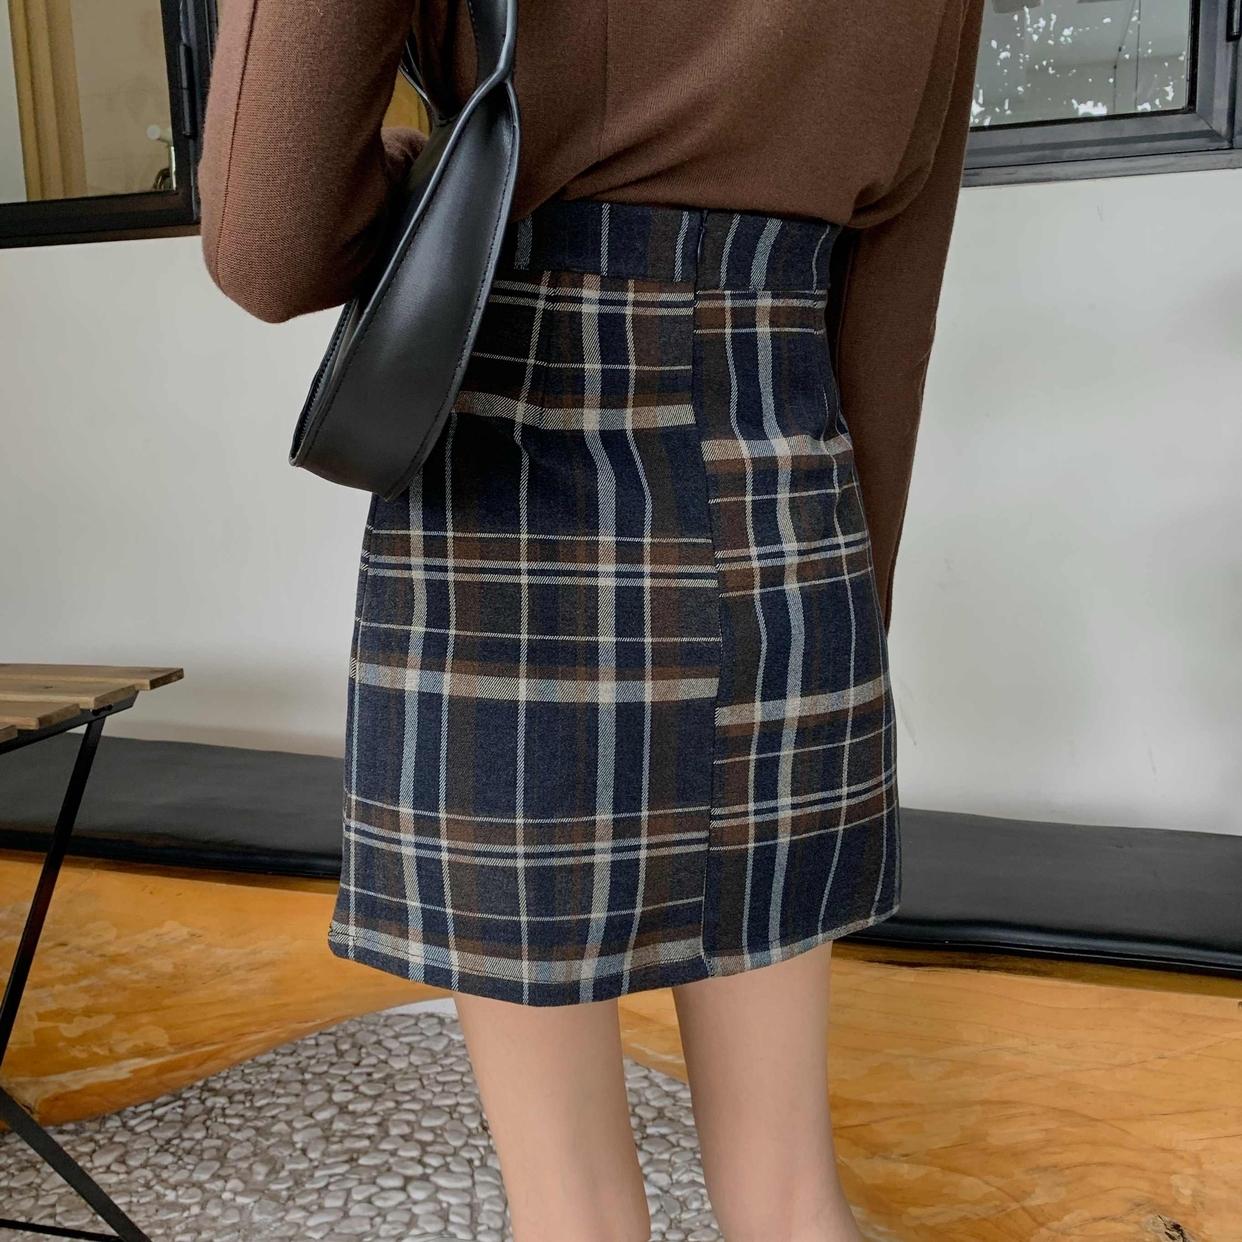 ビンテージチェックスカート  【vintage check skirt】